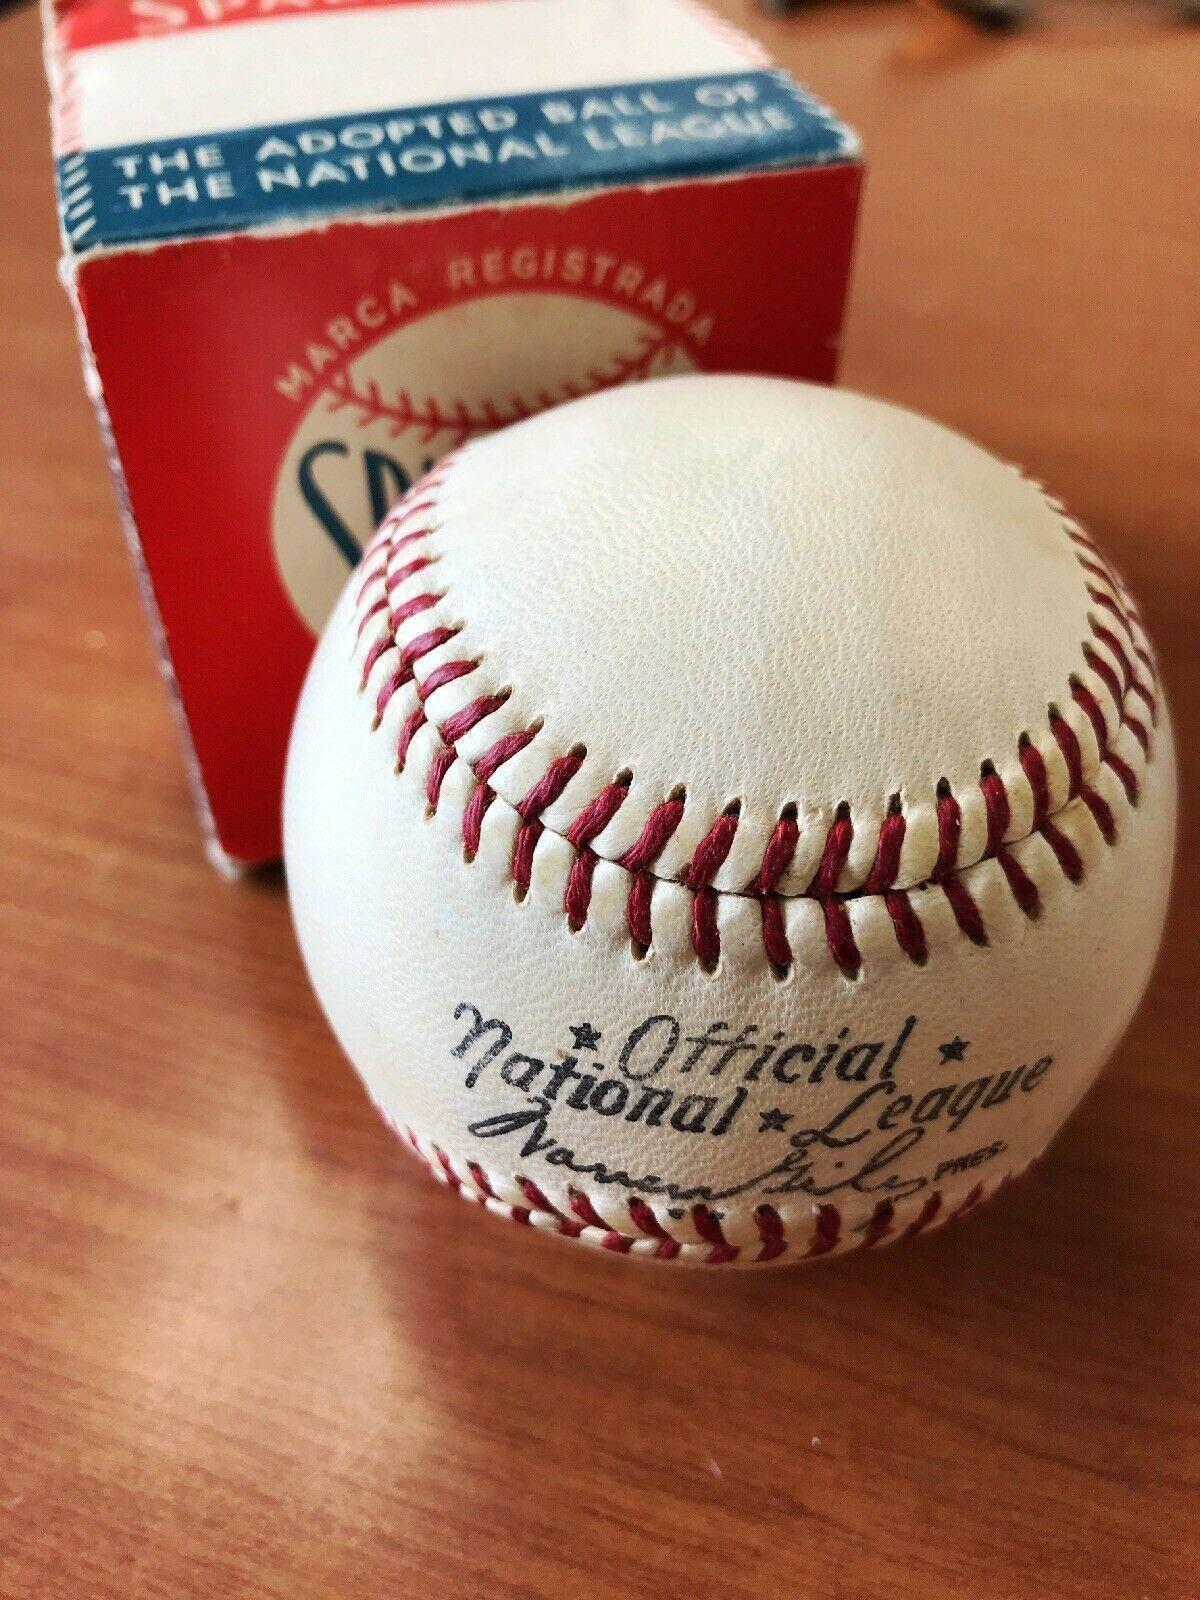 A vintage ball